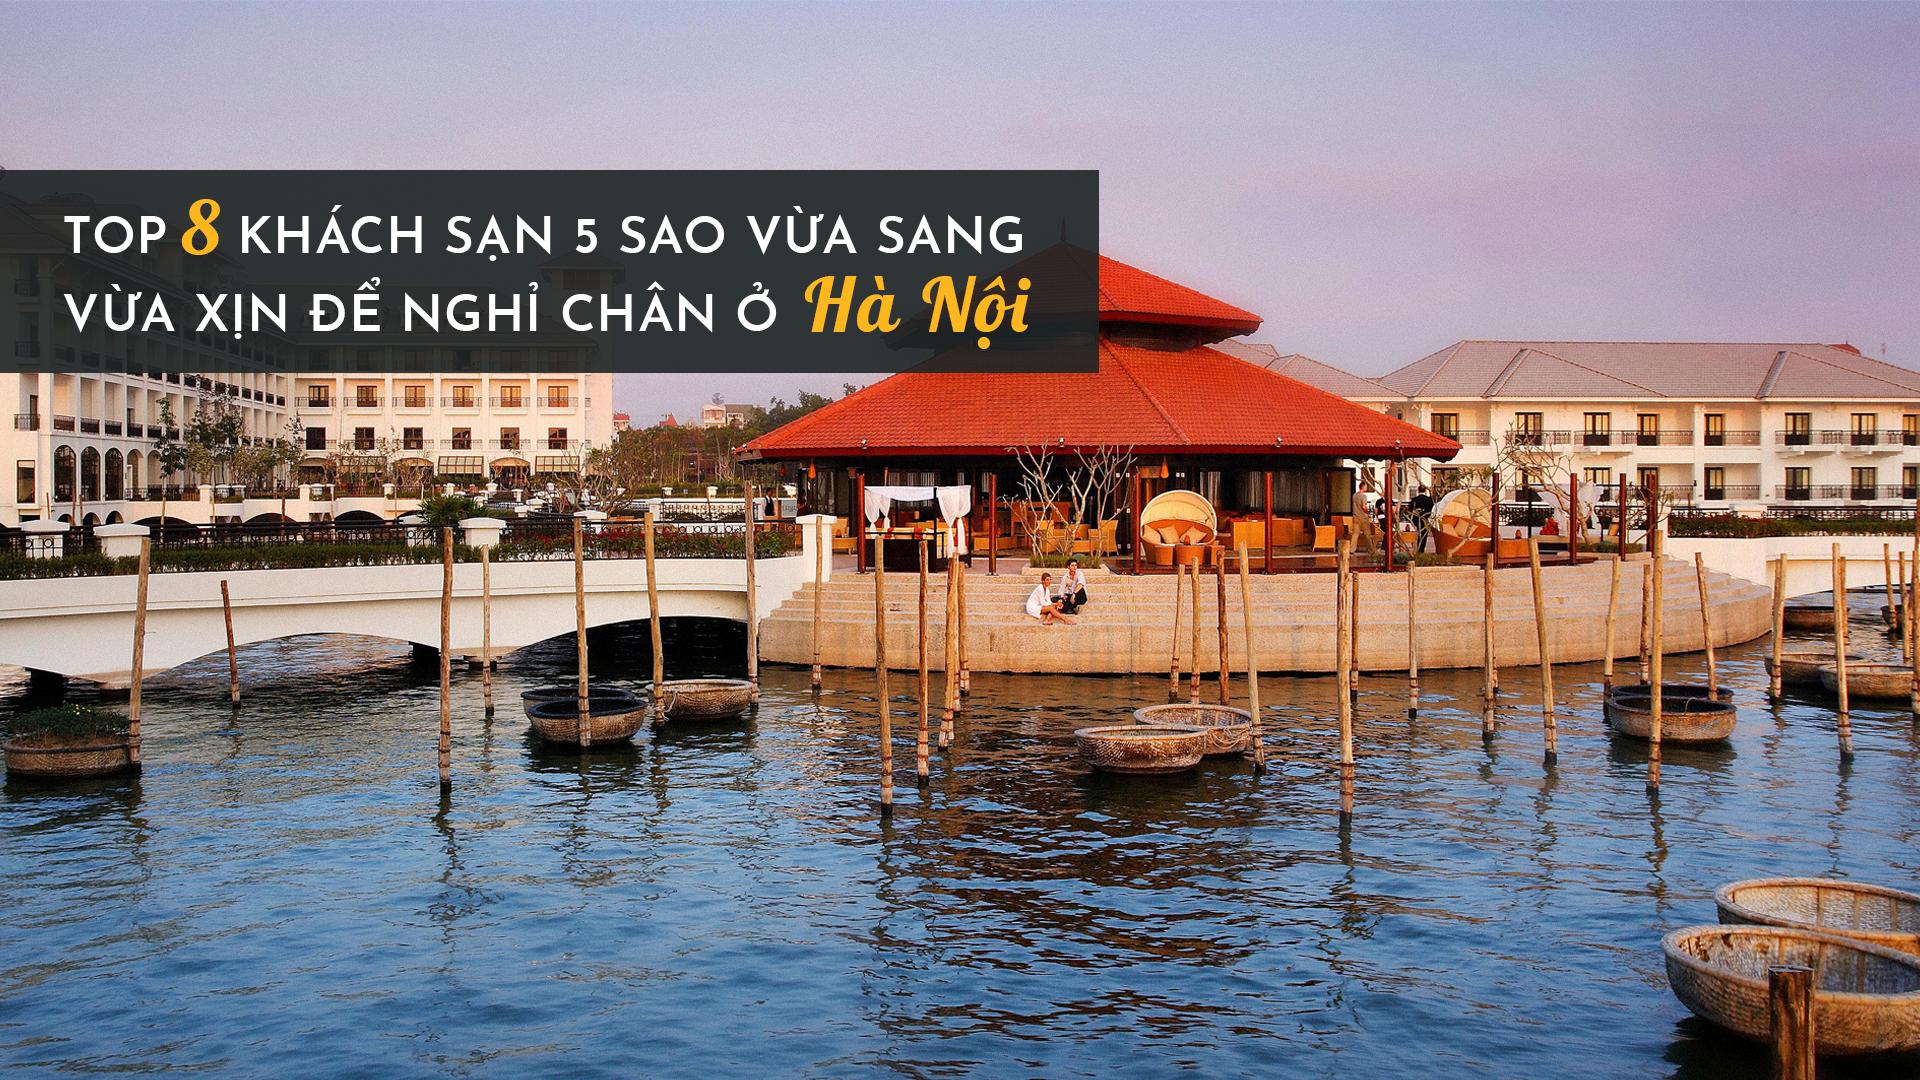 Top 8 khách sạn 5 sao và sang vừa xịn để nghỉ chân ở Hà Nội